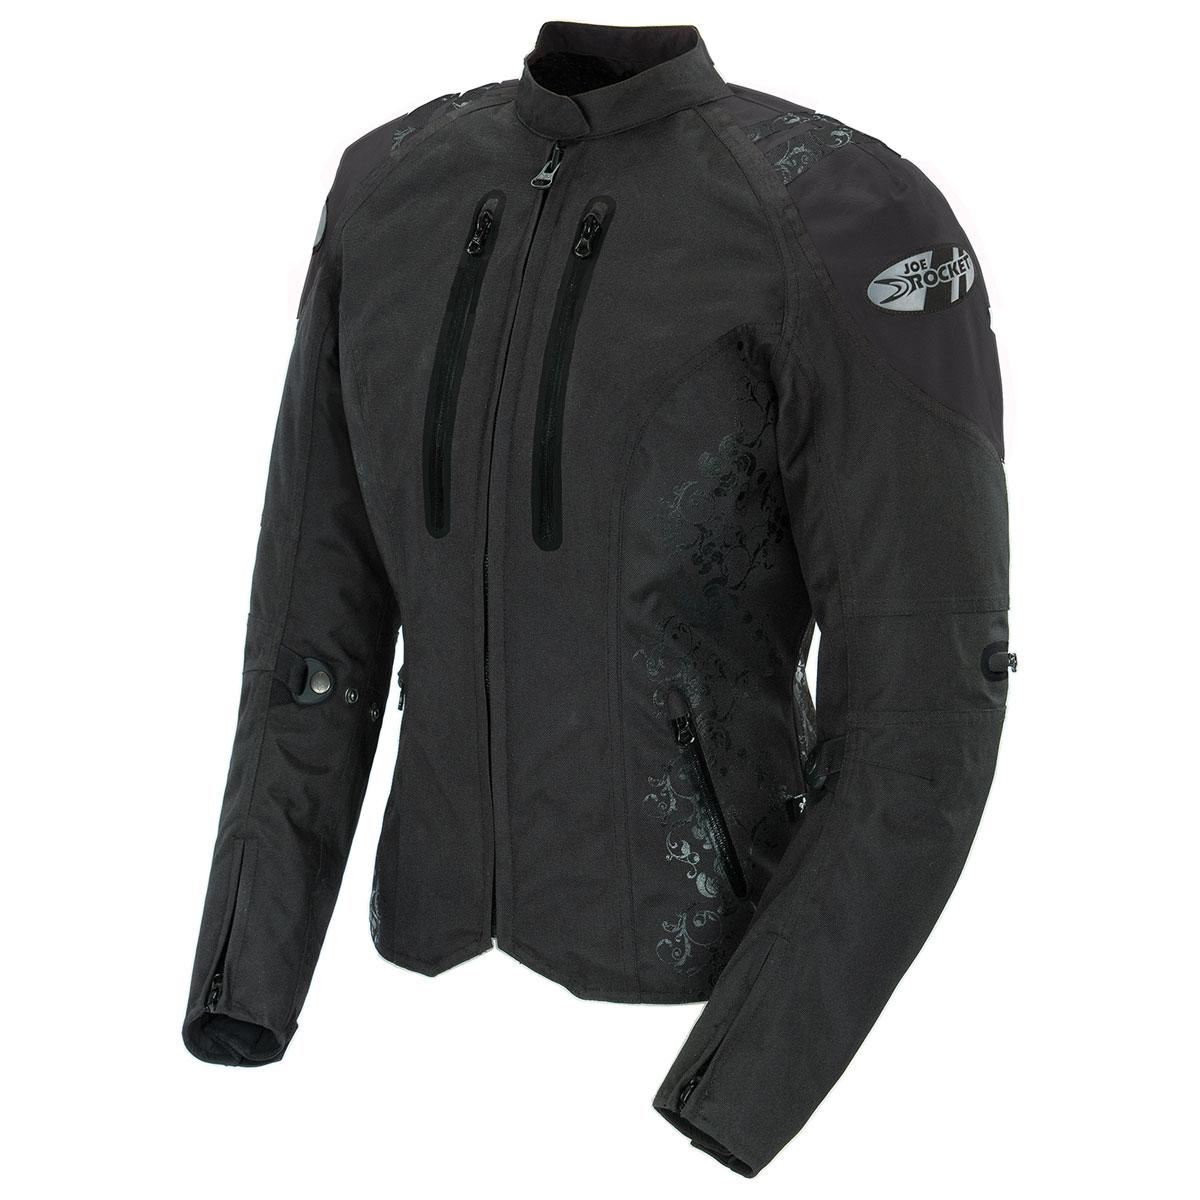 Joe Rocket Women's Atomic 4.0 Waterproof Black Jacket